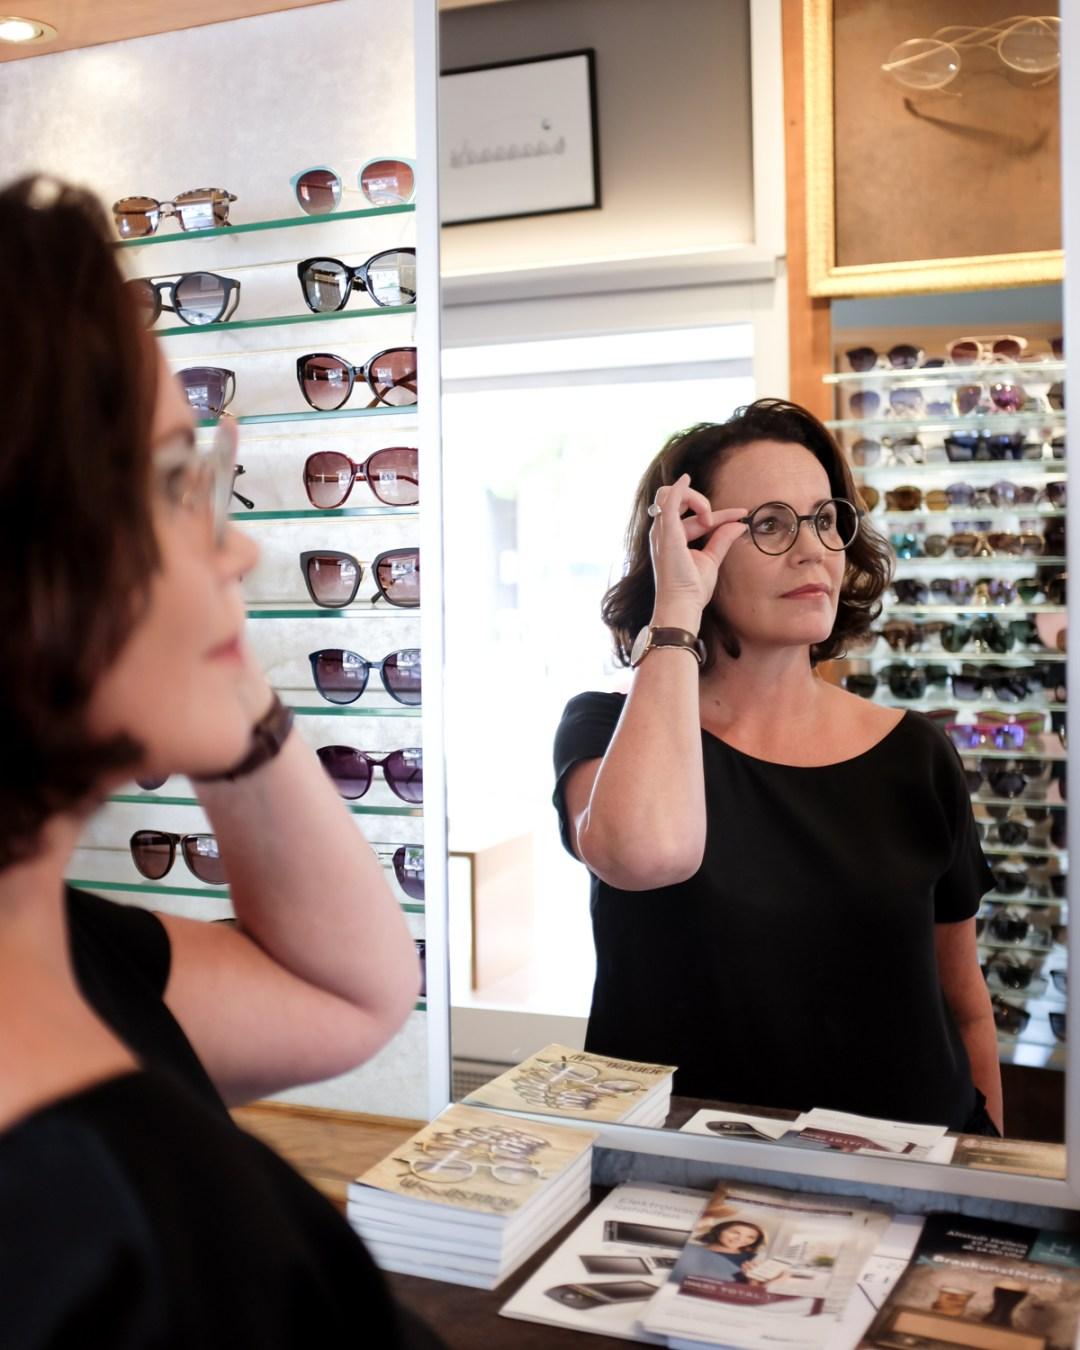 inastil, Ü50Blogger, Gleitsichtbrille, neue Brille, Optiker, Hallein, Ü50Mode, Brillenmode, Modeberatung, Stilberatung,_